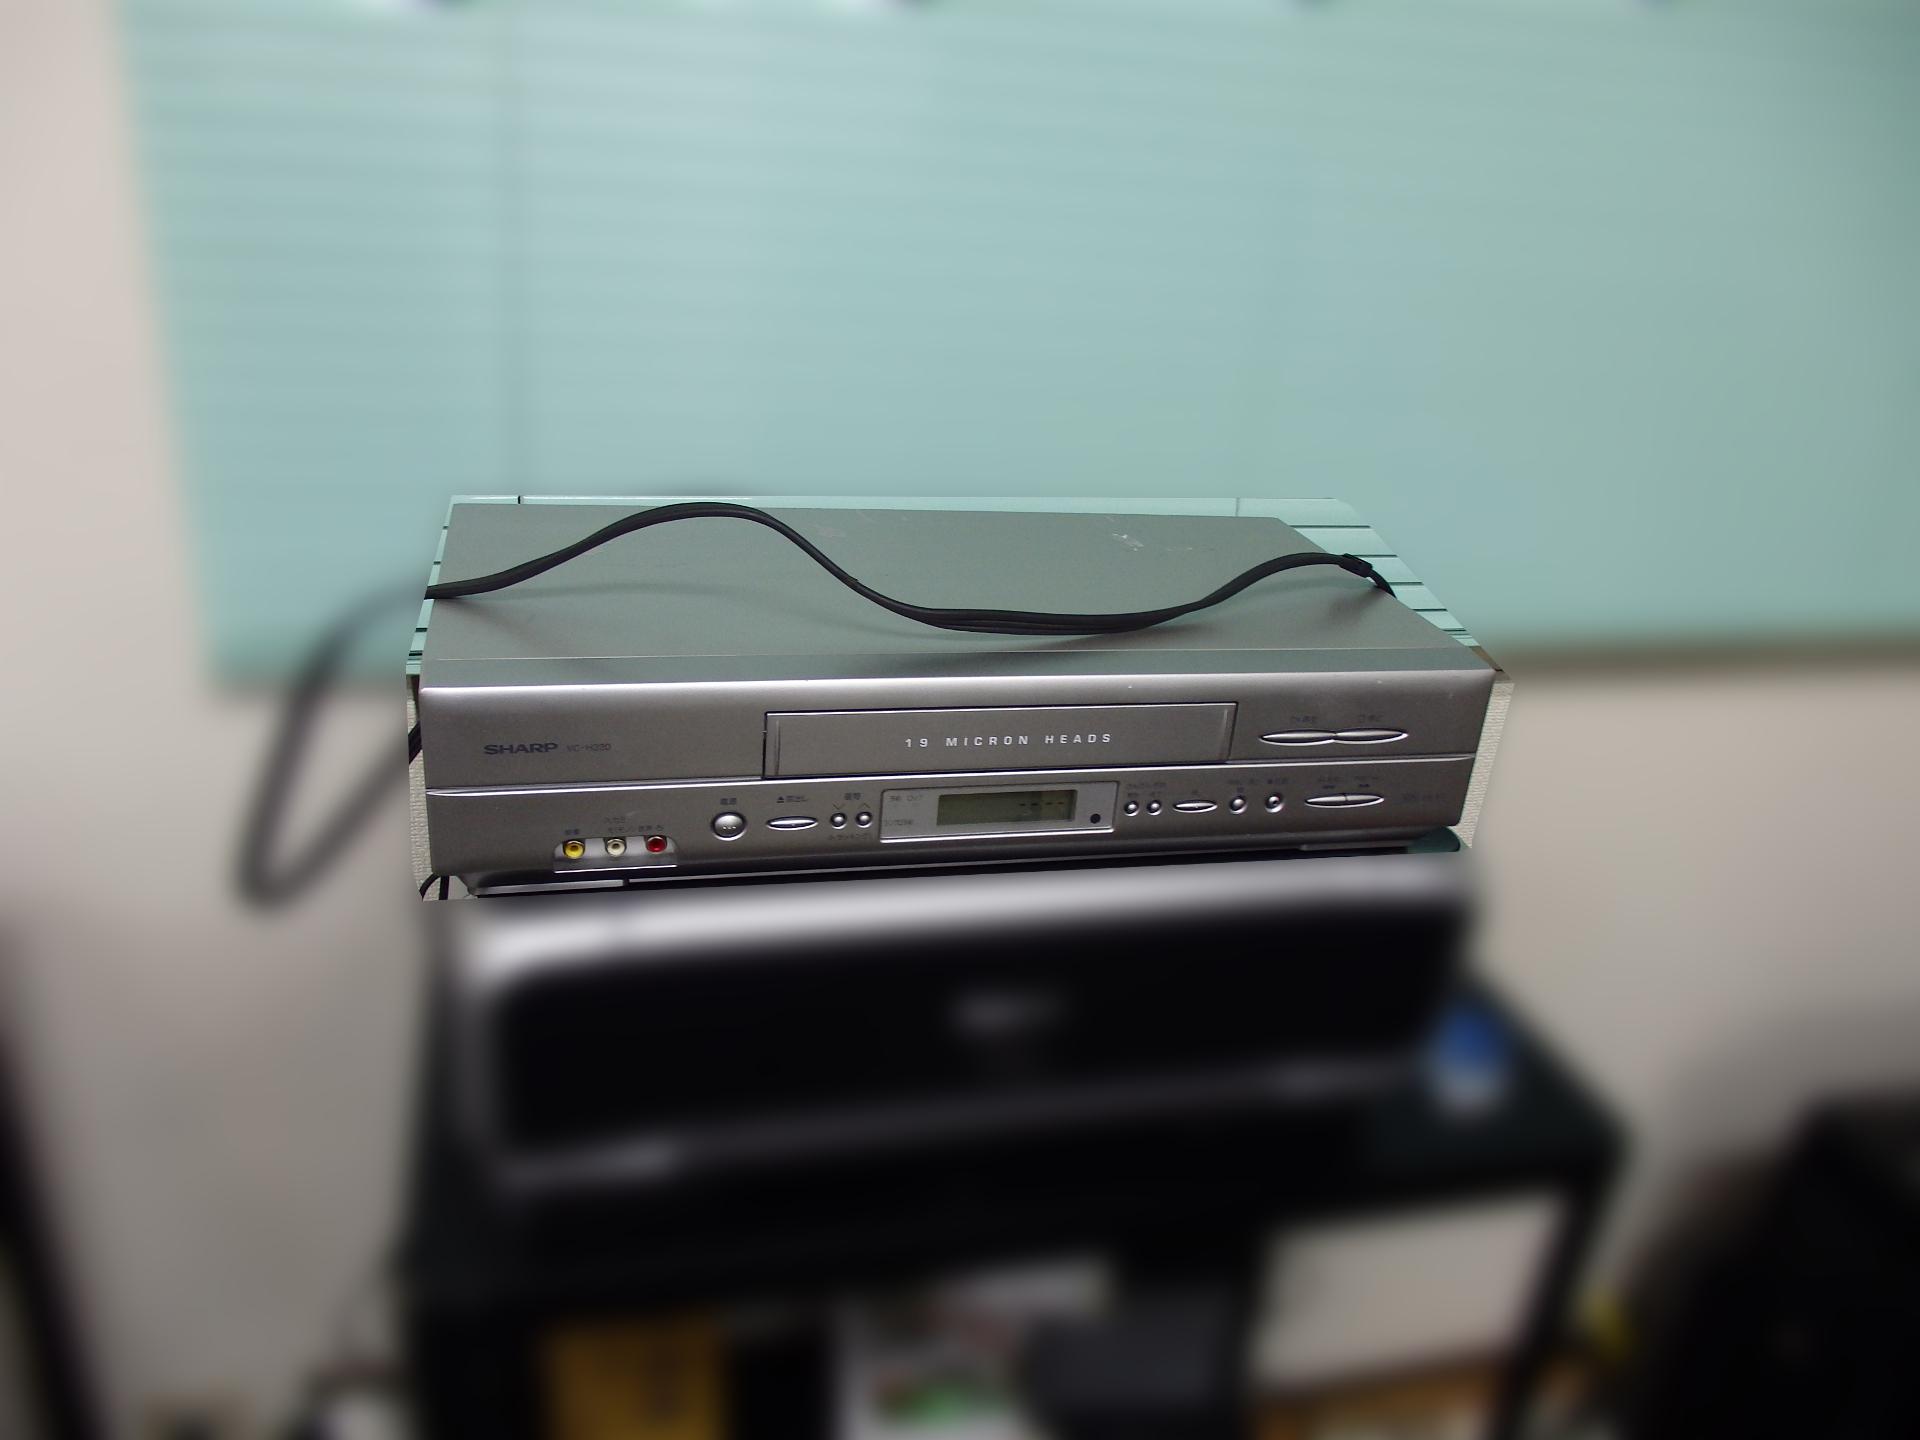 シャープの中古ビデオデッキです。